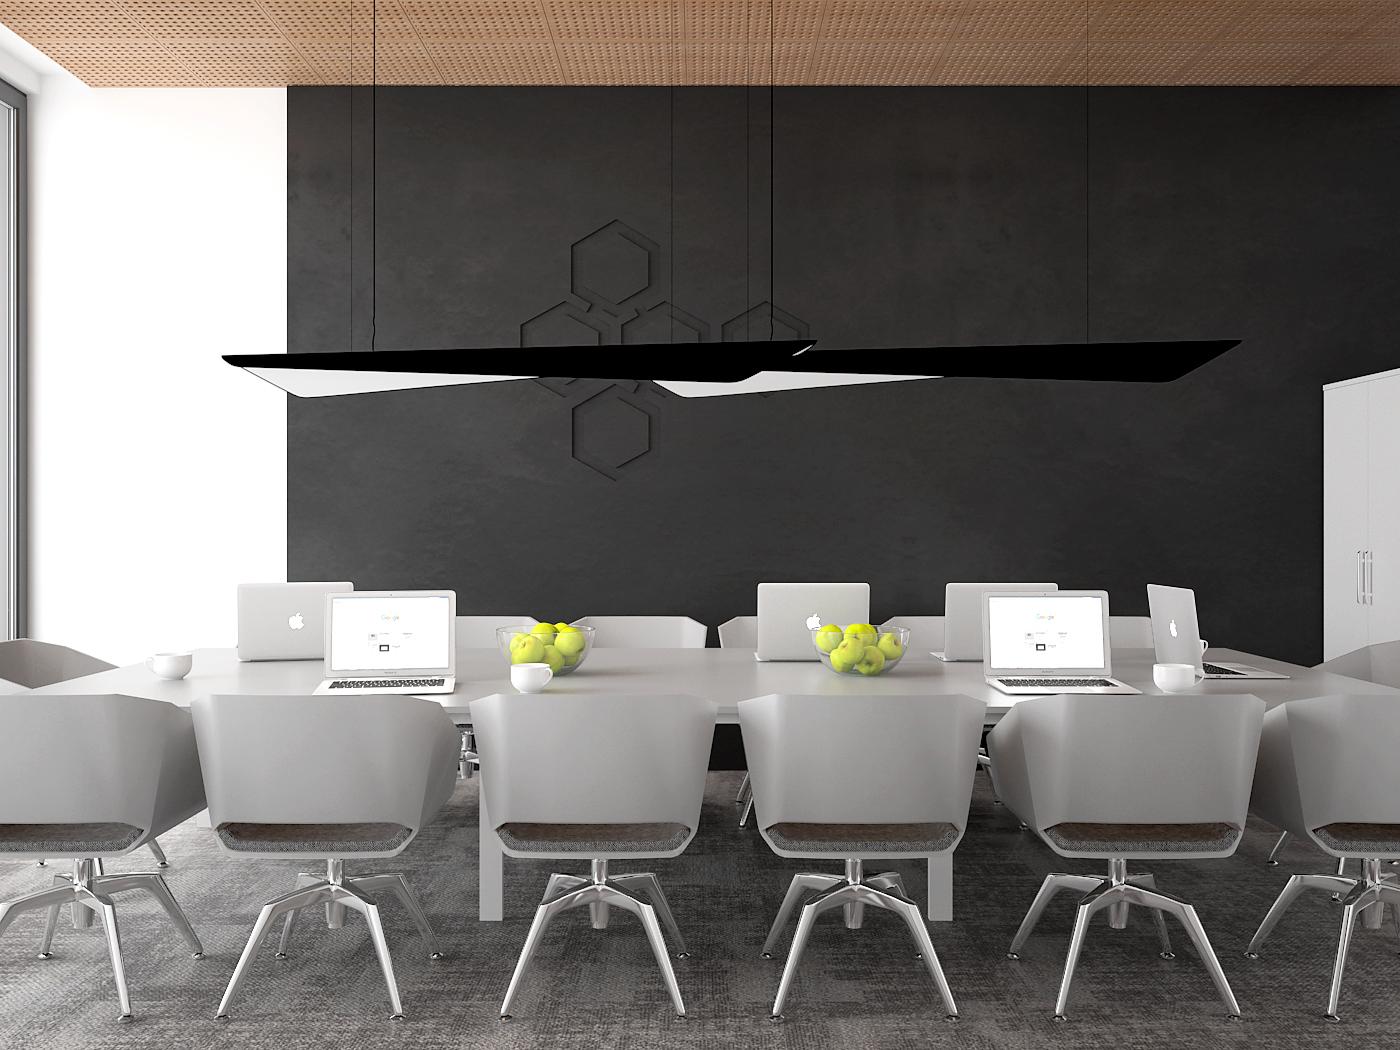 1 aranzacja biura 485 biuro krakow sala konferencyjna duzy bialy stol konferencyjny szare krzesla czarna sciana azurowy wygluszajacy sufit lampy wave